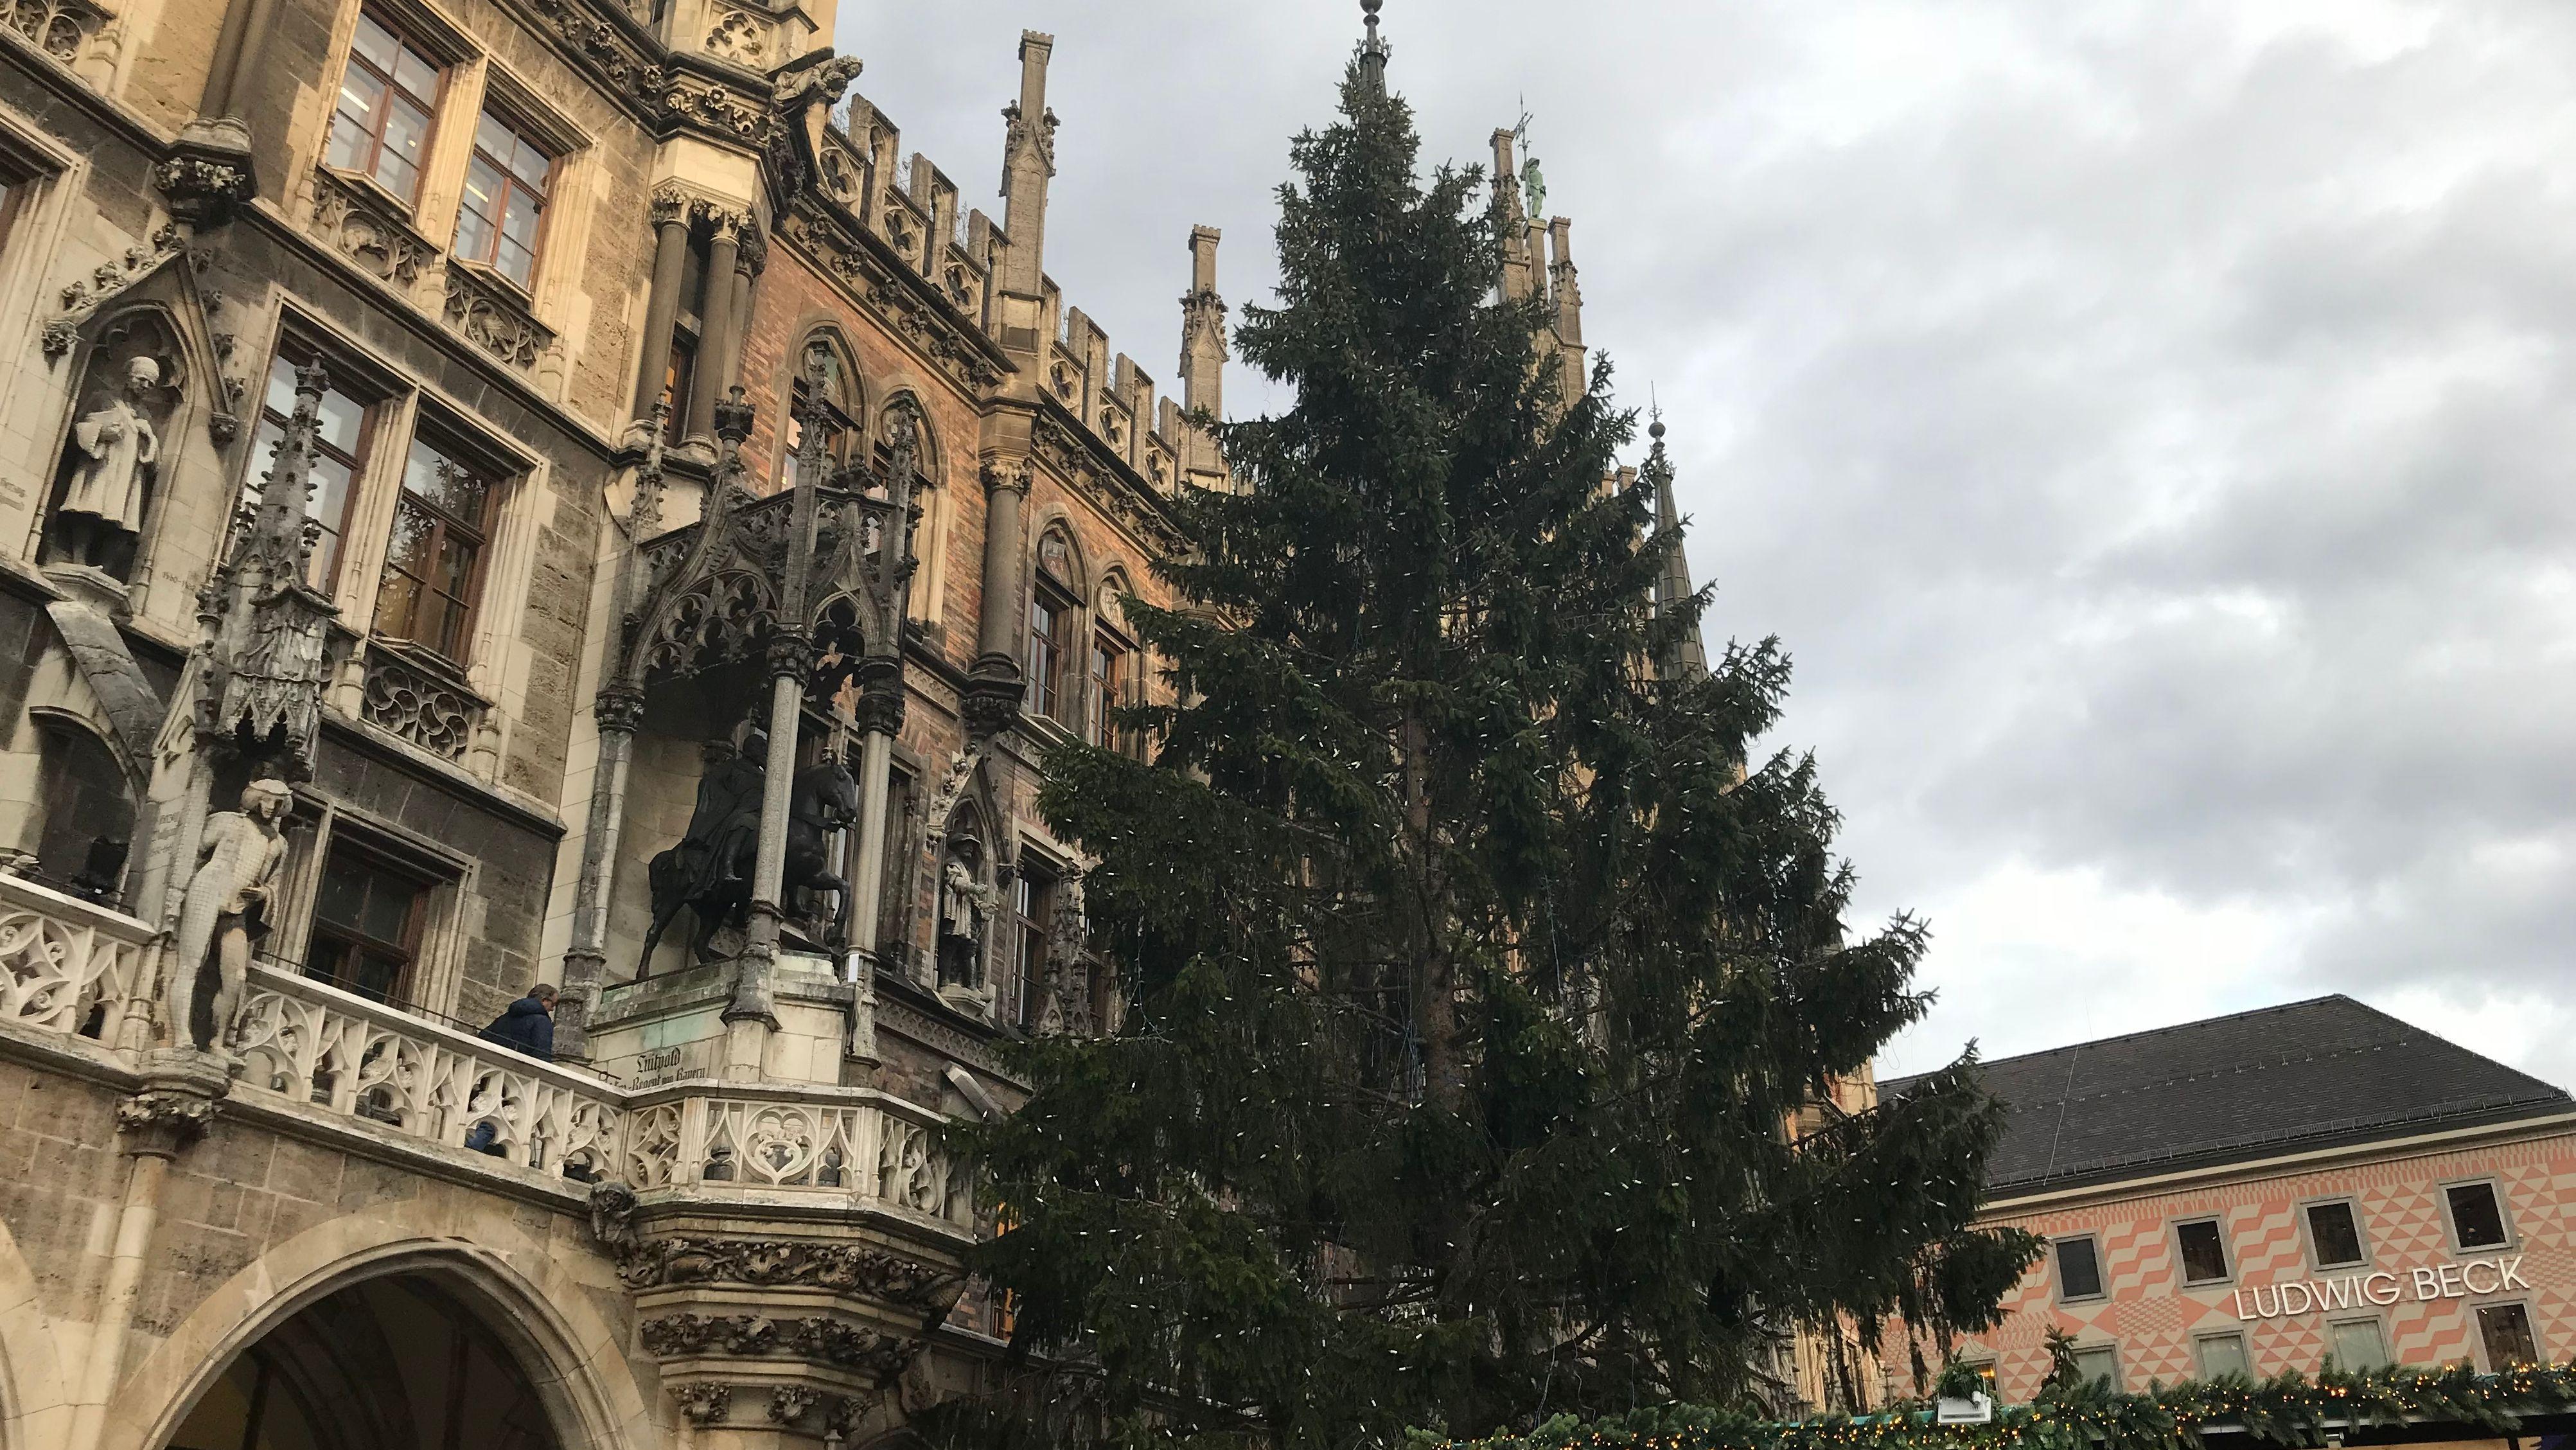 Christbaum aus Mauth (Lkr. Freyung-Grafenau) vor dem Münchener Rathaus